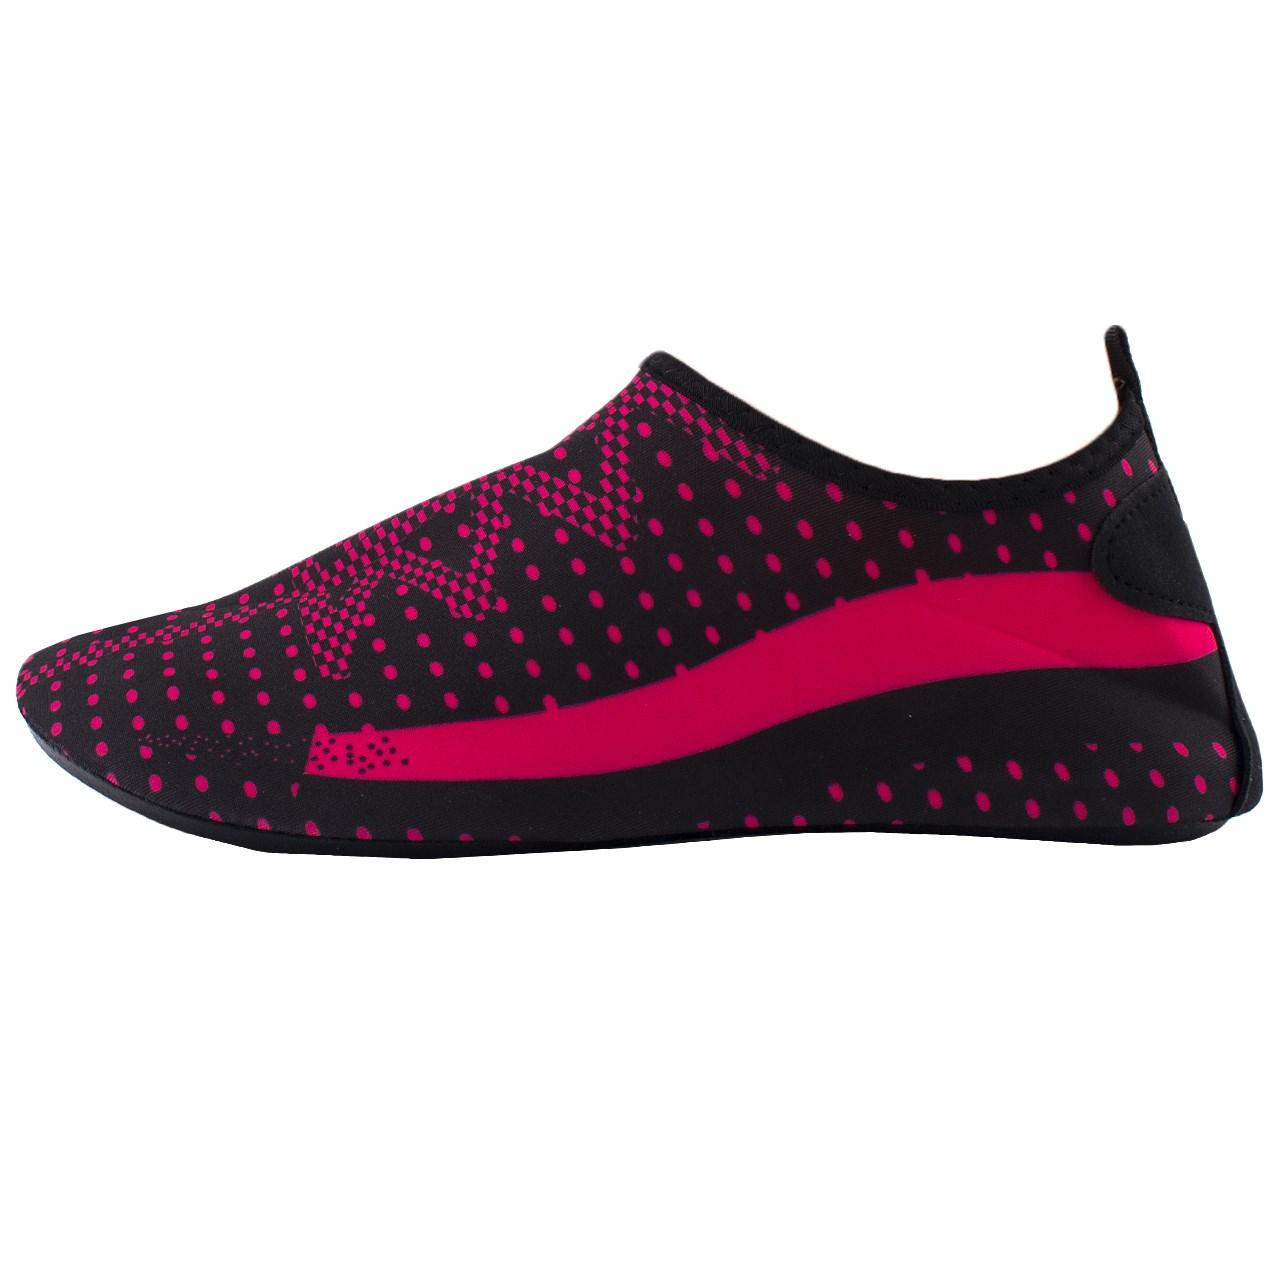 قیمت کفش ورزشی مردانه واته مدل MFD 04